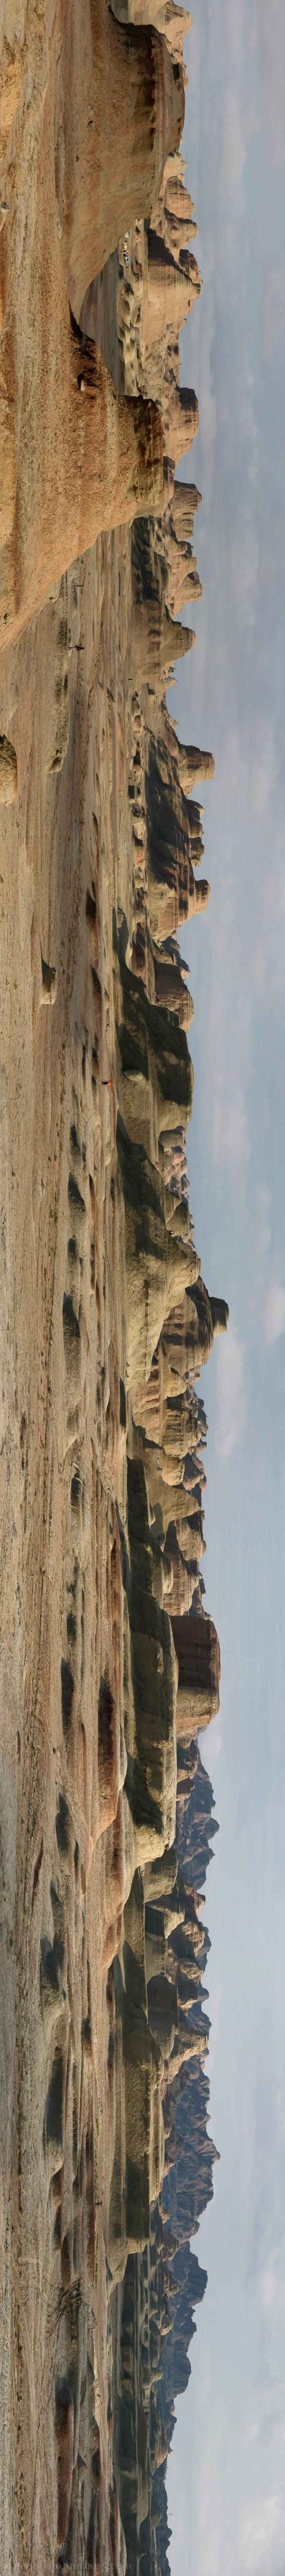 XinJiang Wuerhe (Urho) Junggar Basin, Panorama